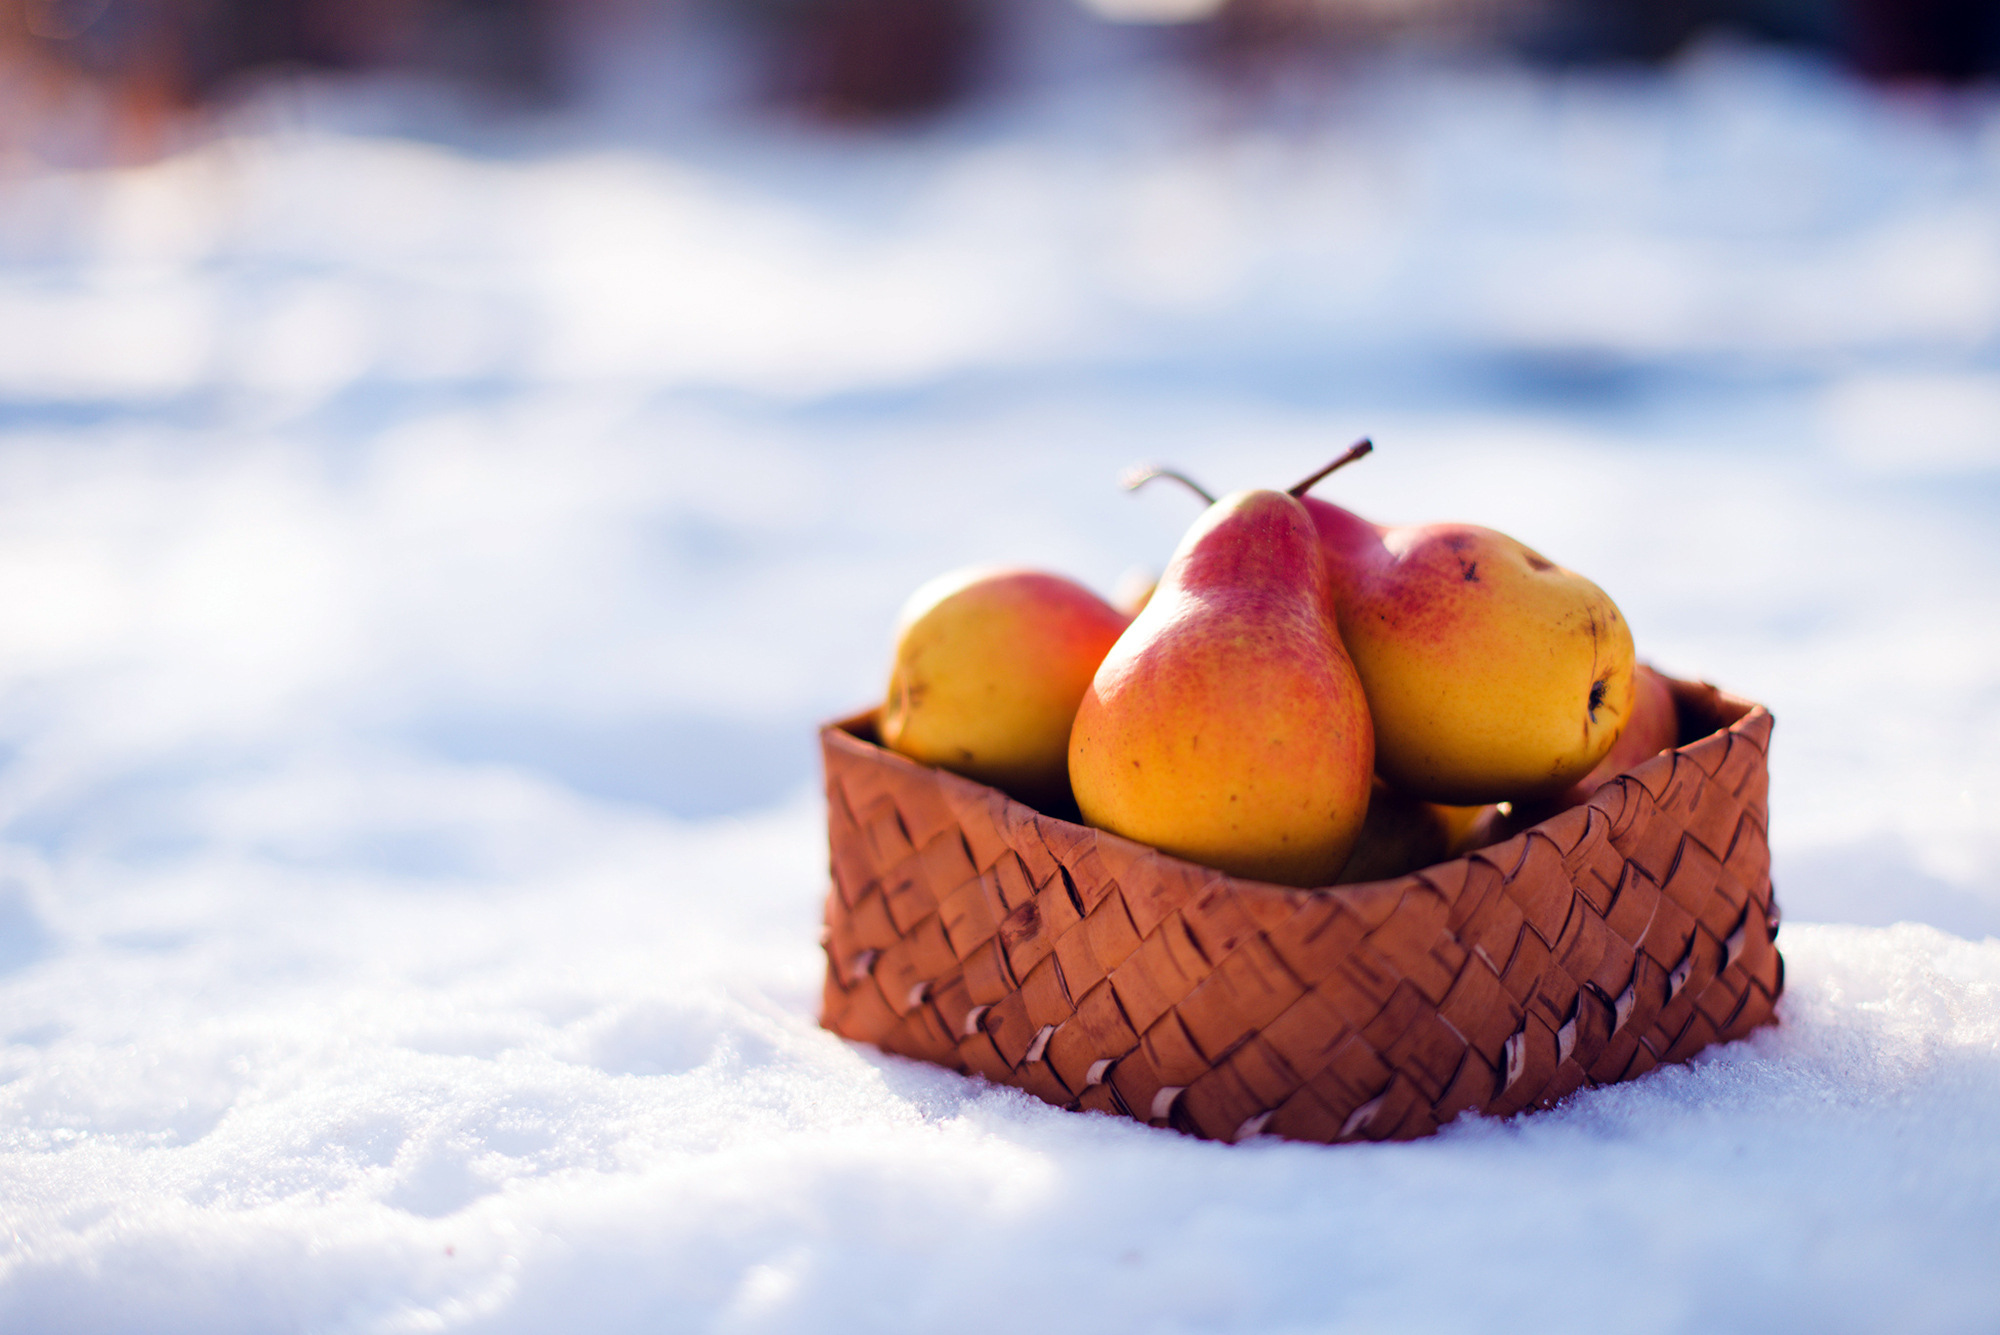 всех зима и фрукты картинки с фруктами участок берегу реки